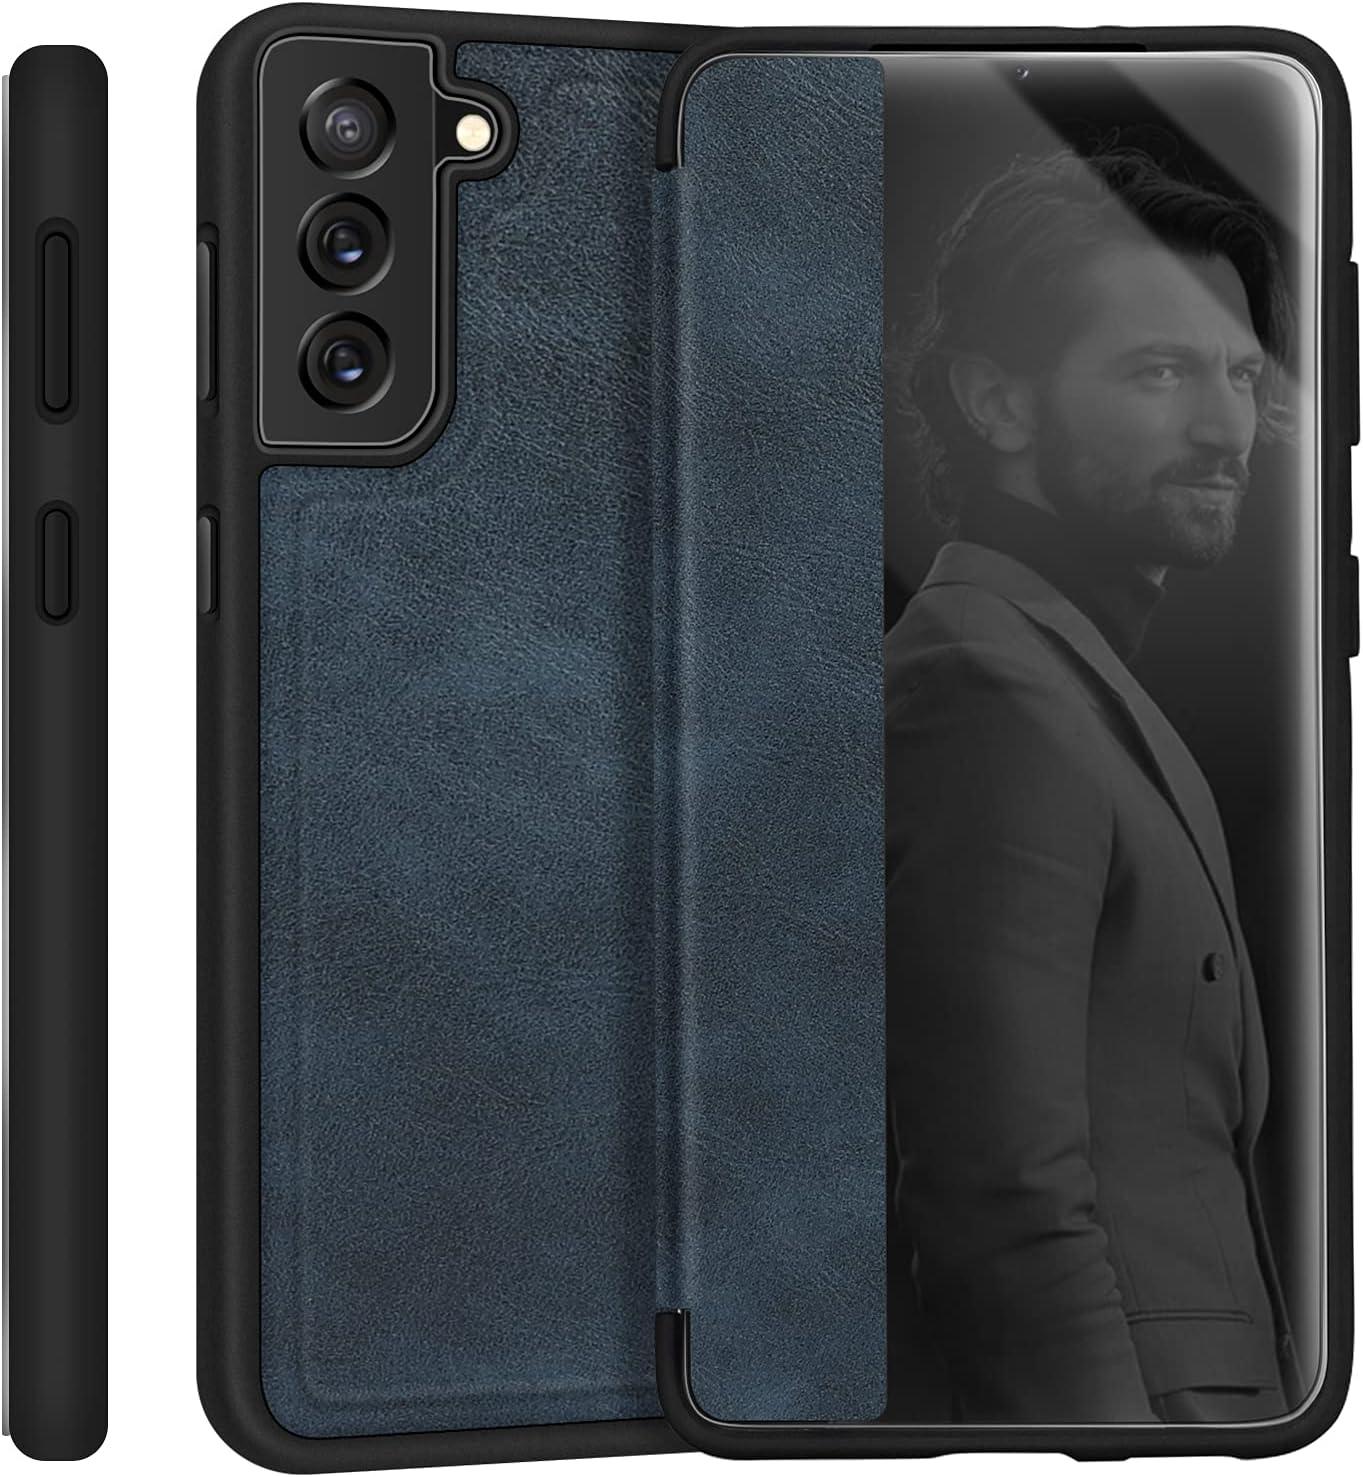 Skycase Galaxy S21 Case 6.2